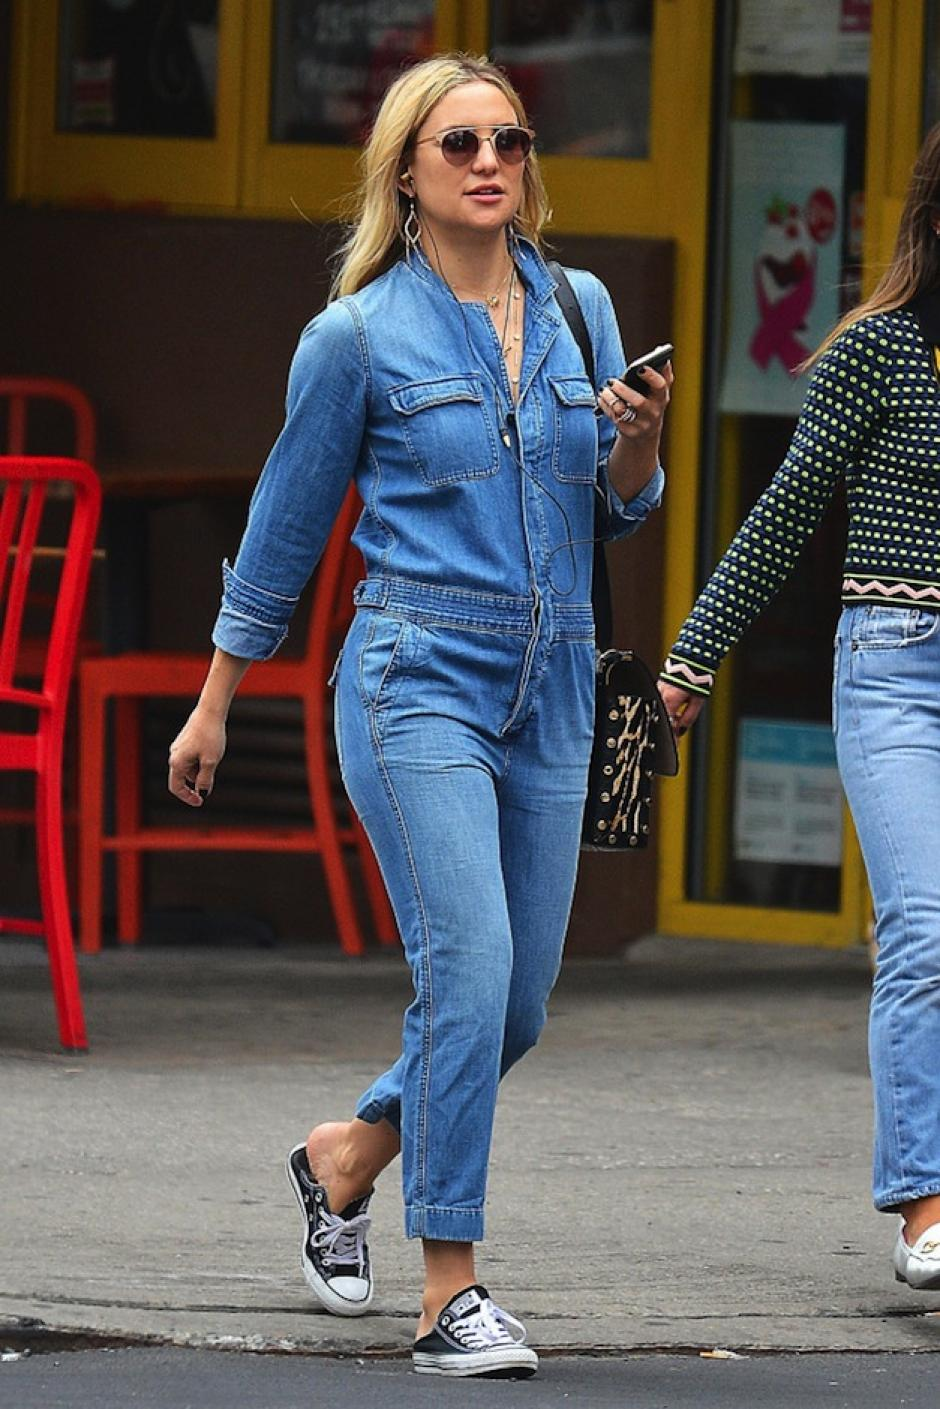 La actriz fue vista en las calles de Nueva York. (Foto: FameFlynet)